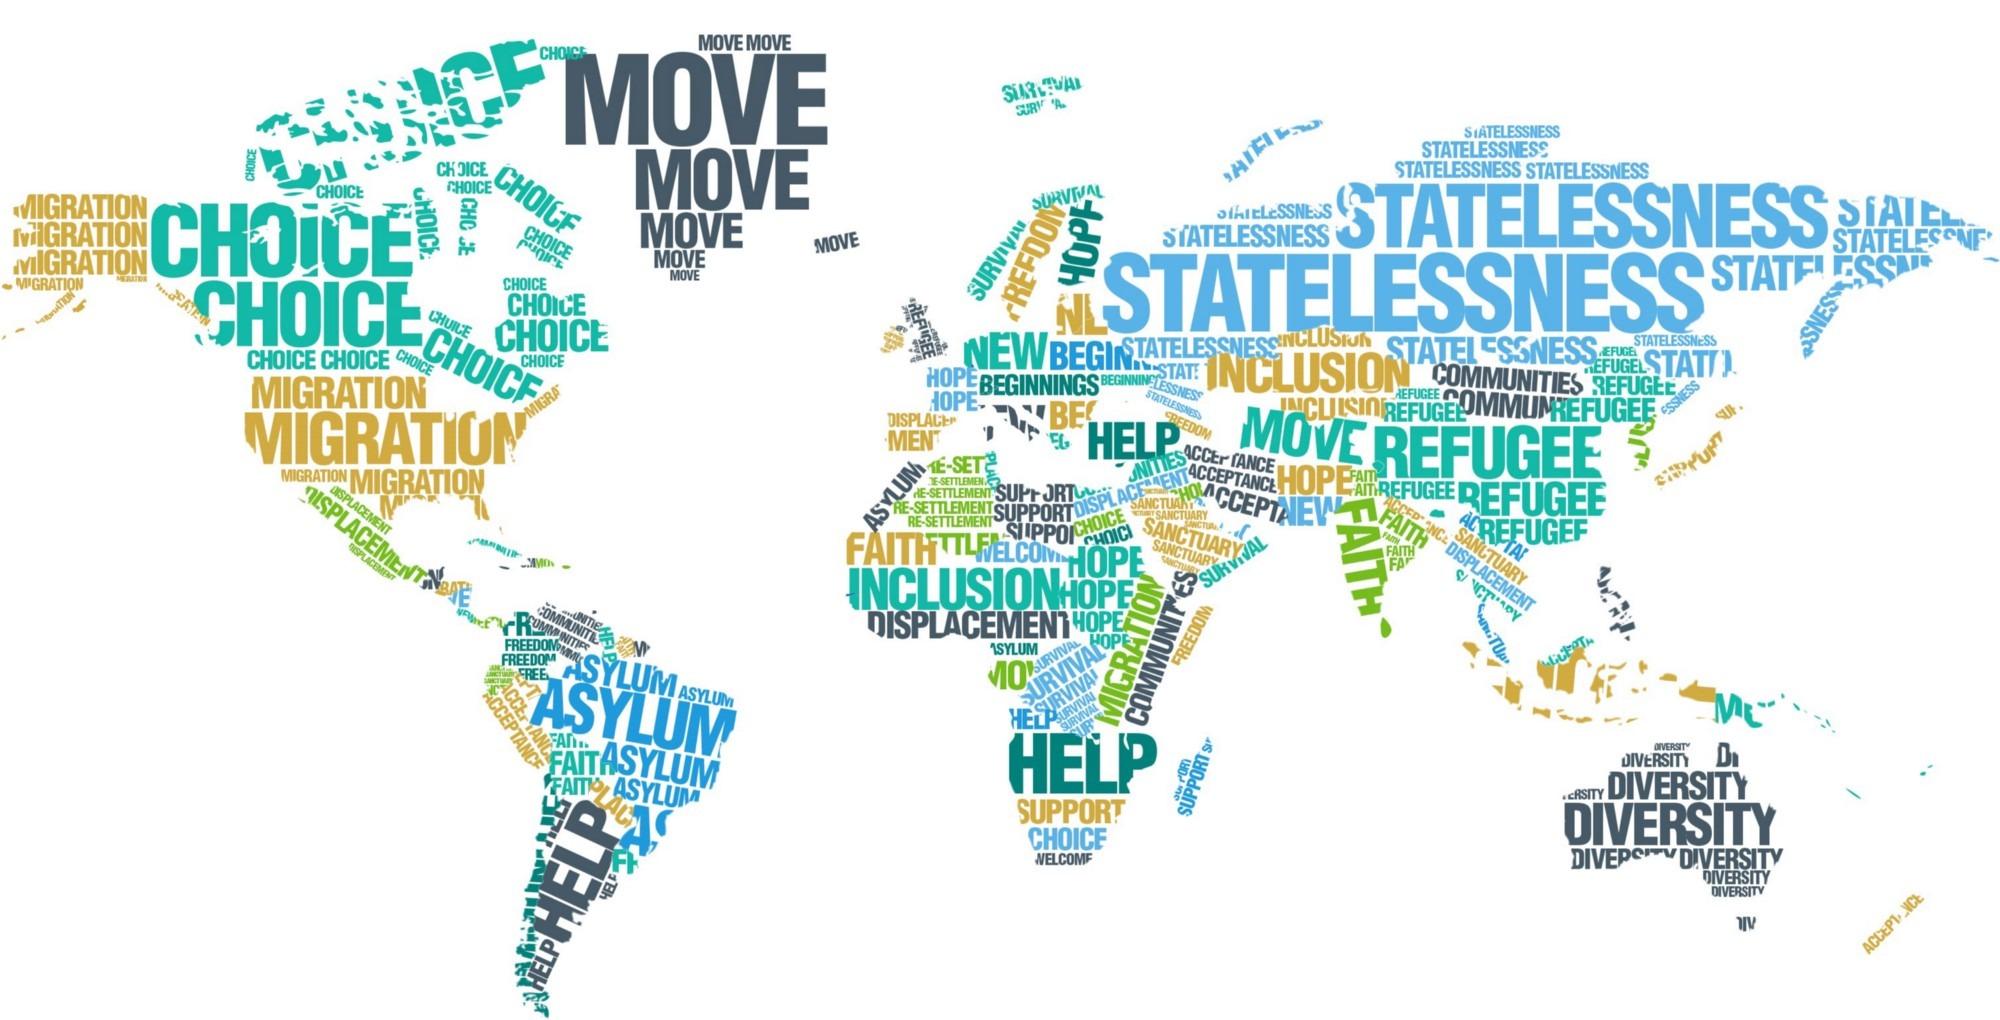 چطور و به کجا مهاجرت کنیم؟ راههای مهاجرت قانونی به آلمان چیست؟